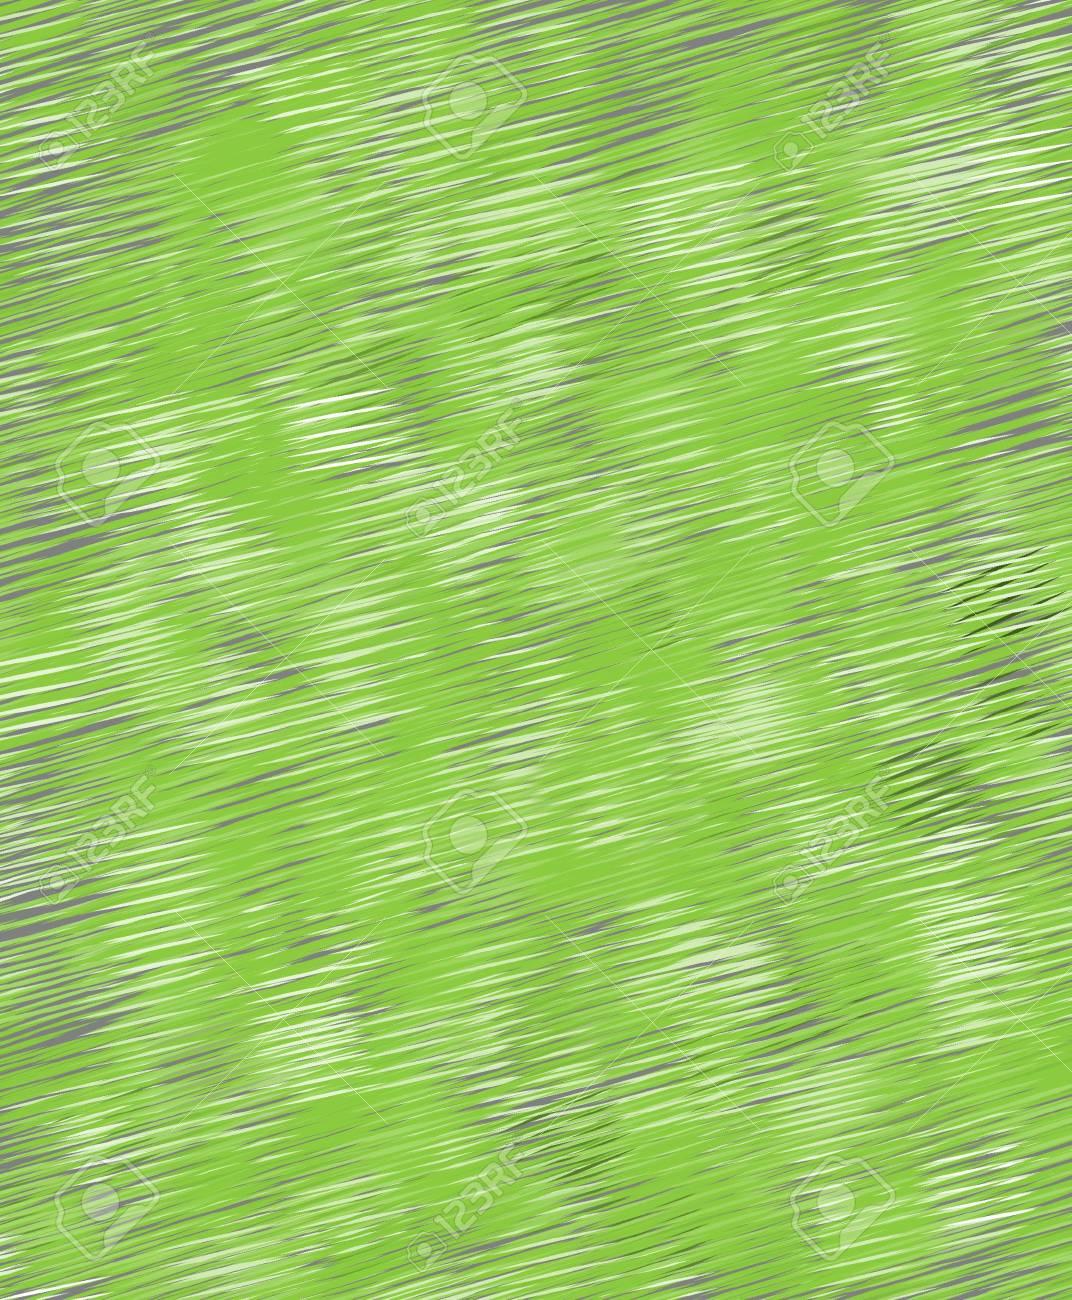 Anticato Massiccio Color Calce Sfondo Verde è Stato Strofinato E Graffiato A Rivelare Il Bianco In Difficoltà Sotto Il Colore